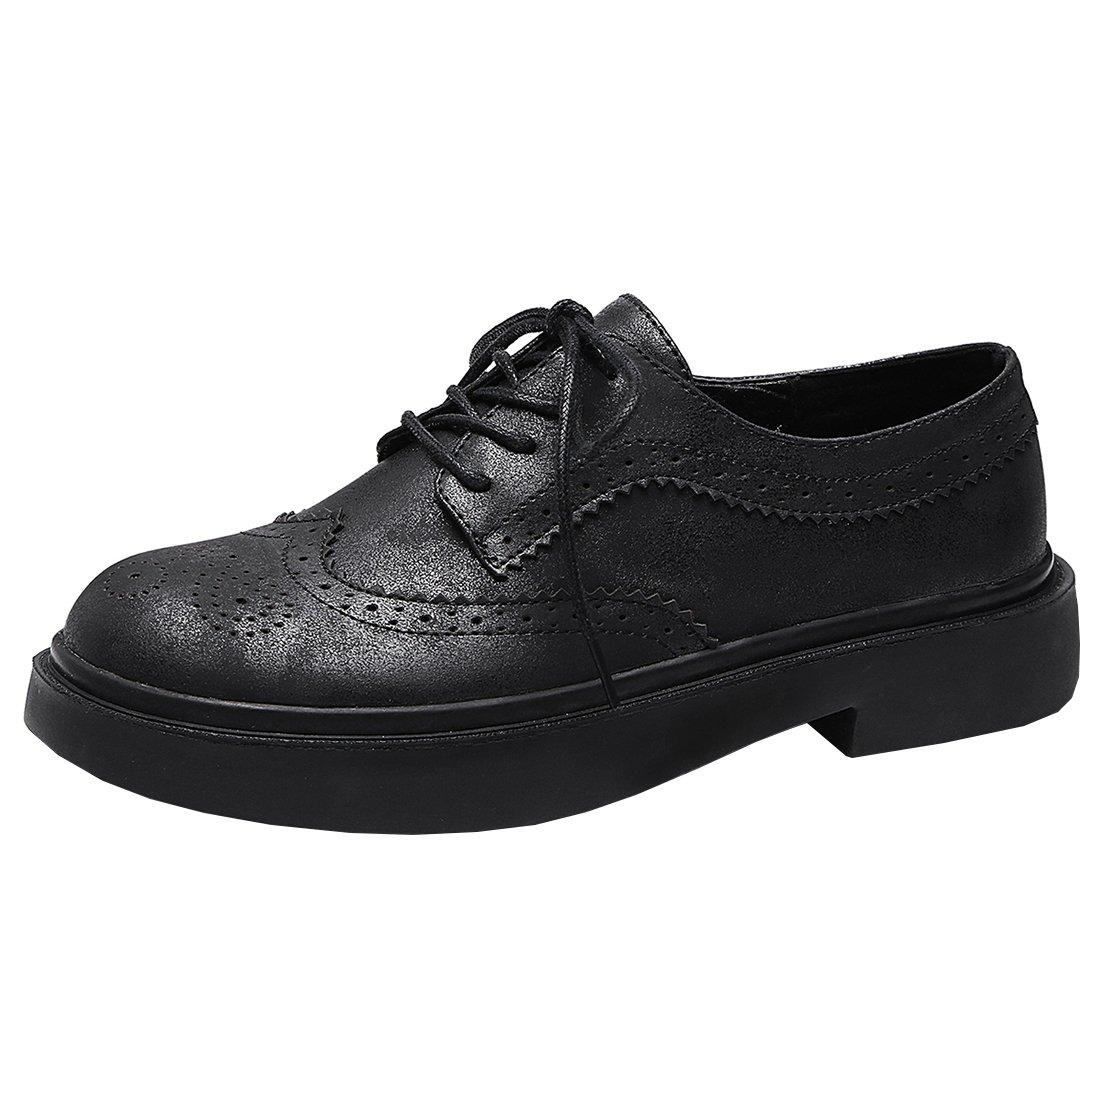 Artfaerie Chaussures Noir à Femme Lacets B0026ZPGA6 Femme Noir b46a892 - epictionpvp.space